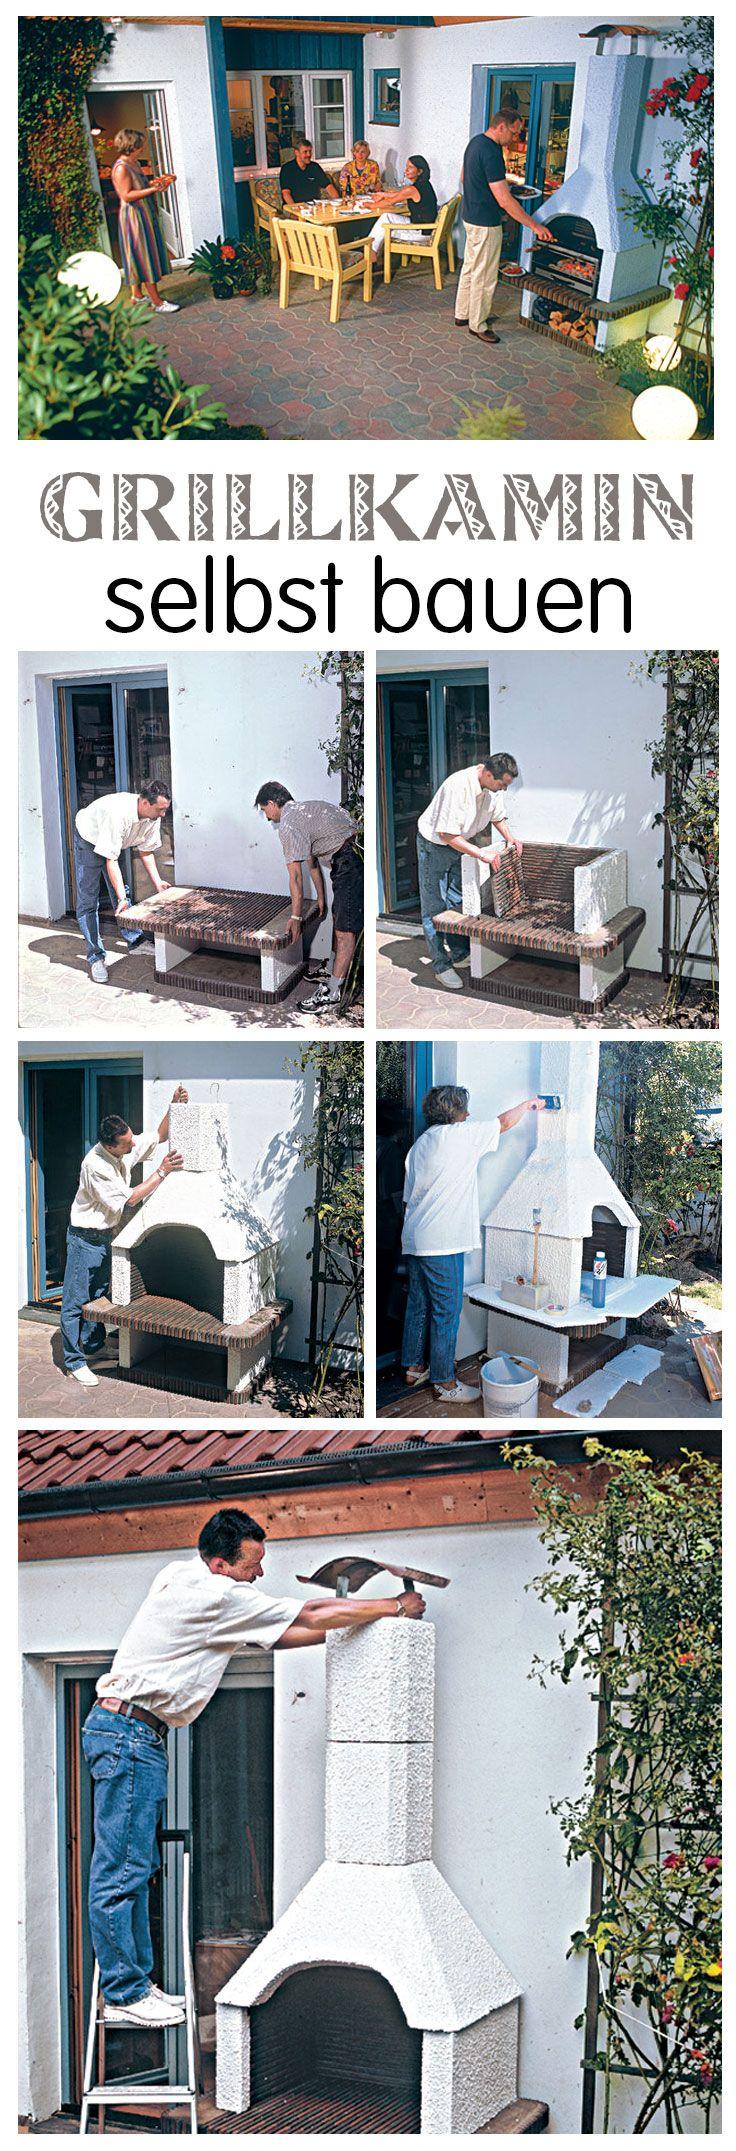 Design#5001530: Die 25+ besten ideen zu grillkamin selber bauen auf pinterest .... Gartenkamin Bauen Ideen Terrasse